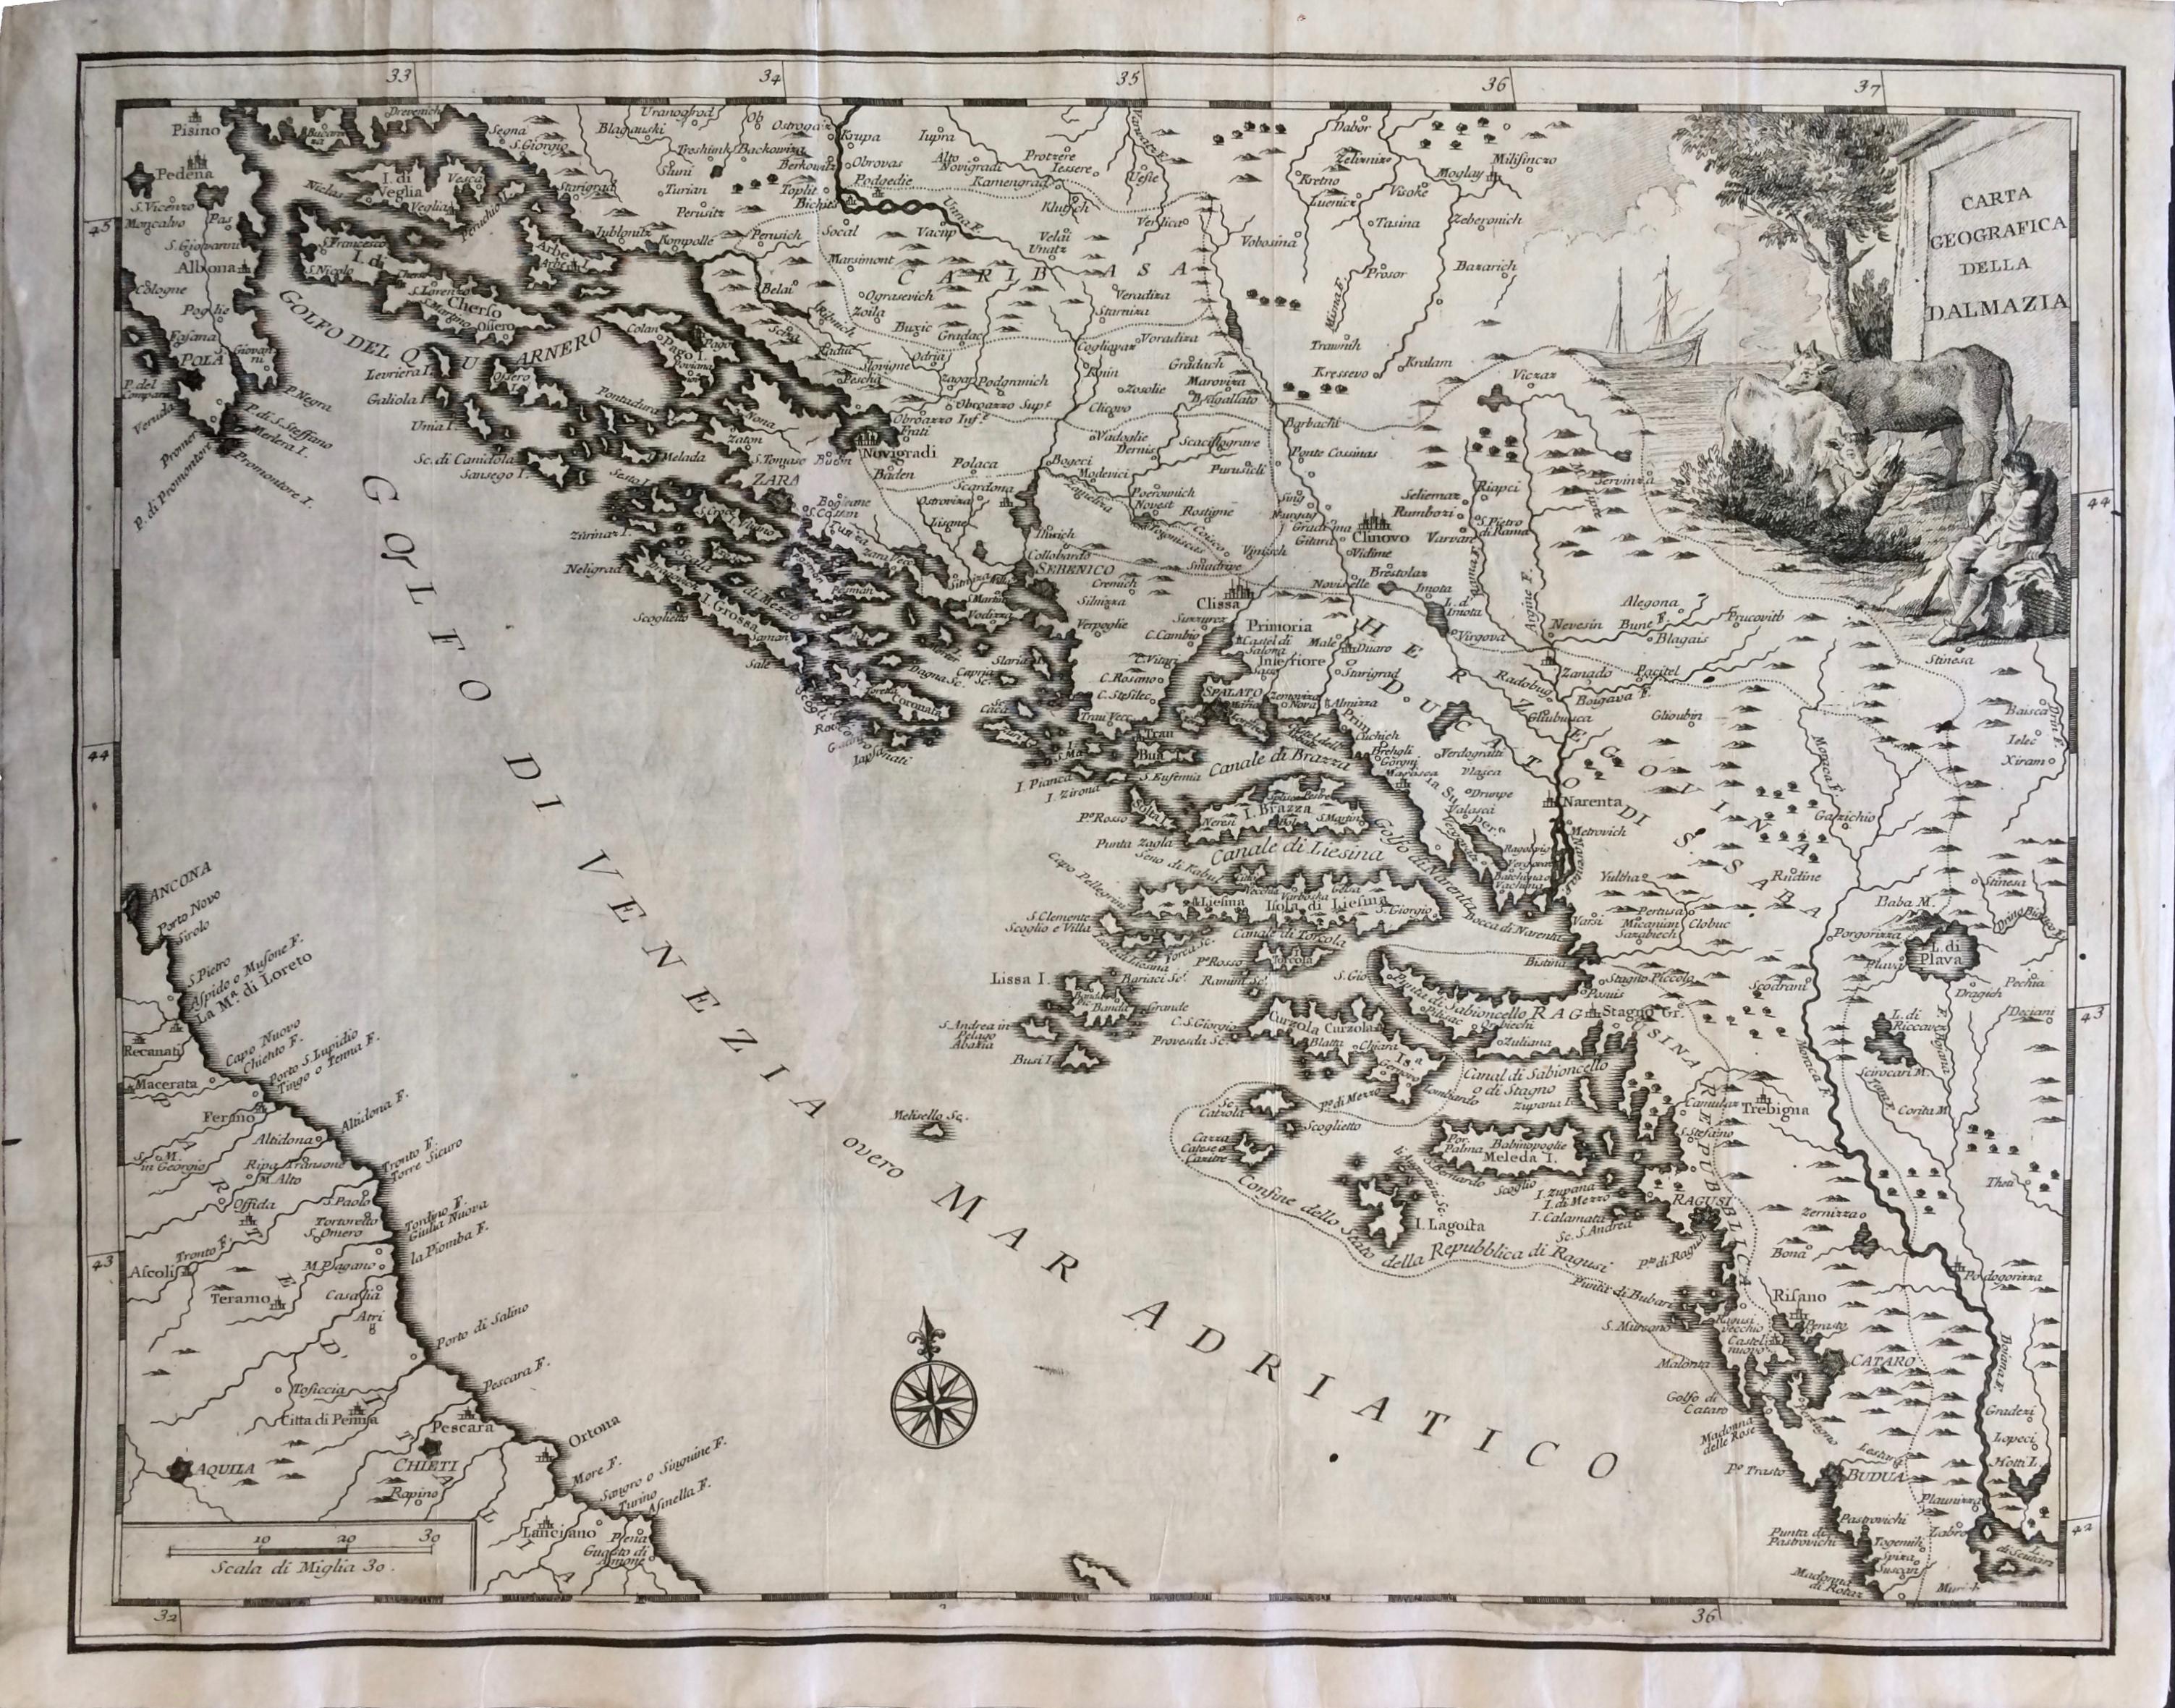 Dalmazia Italiana Cartina.Maps And Masters Carta Geografica Della Dalmazia